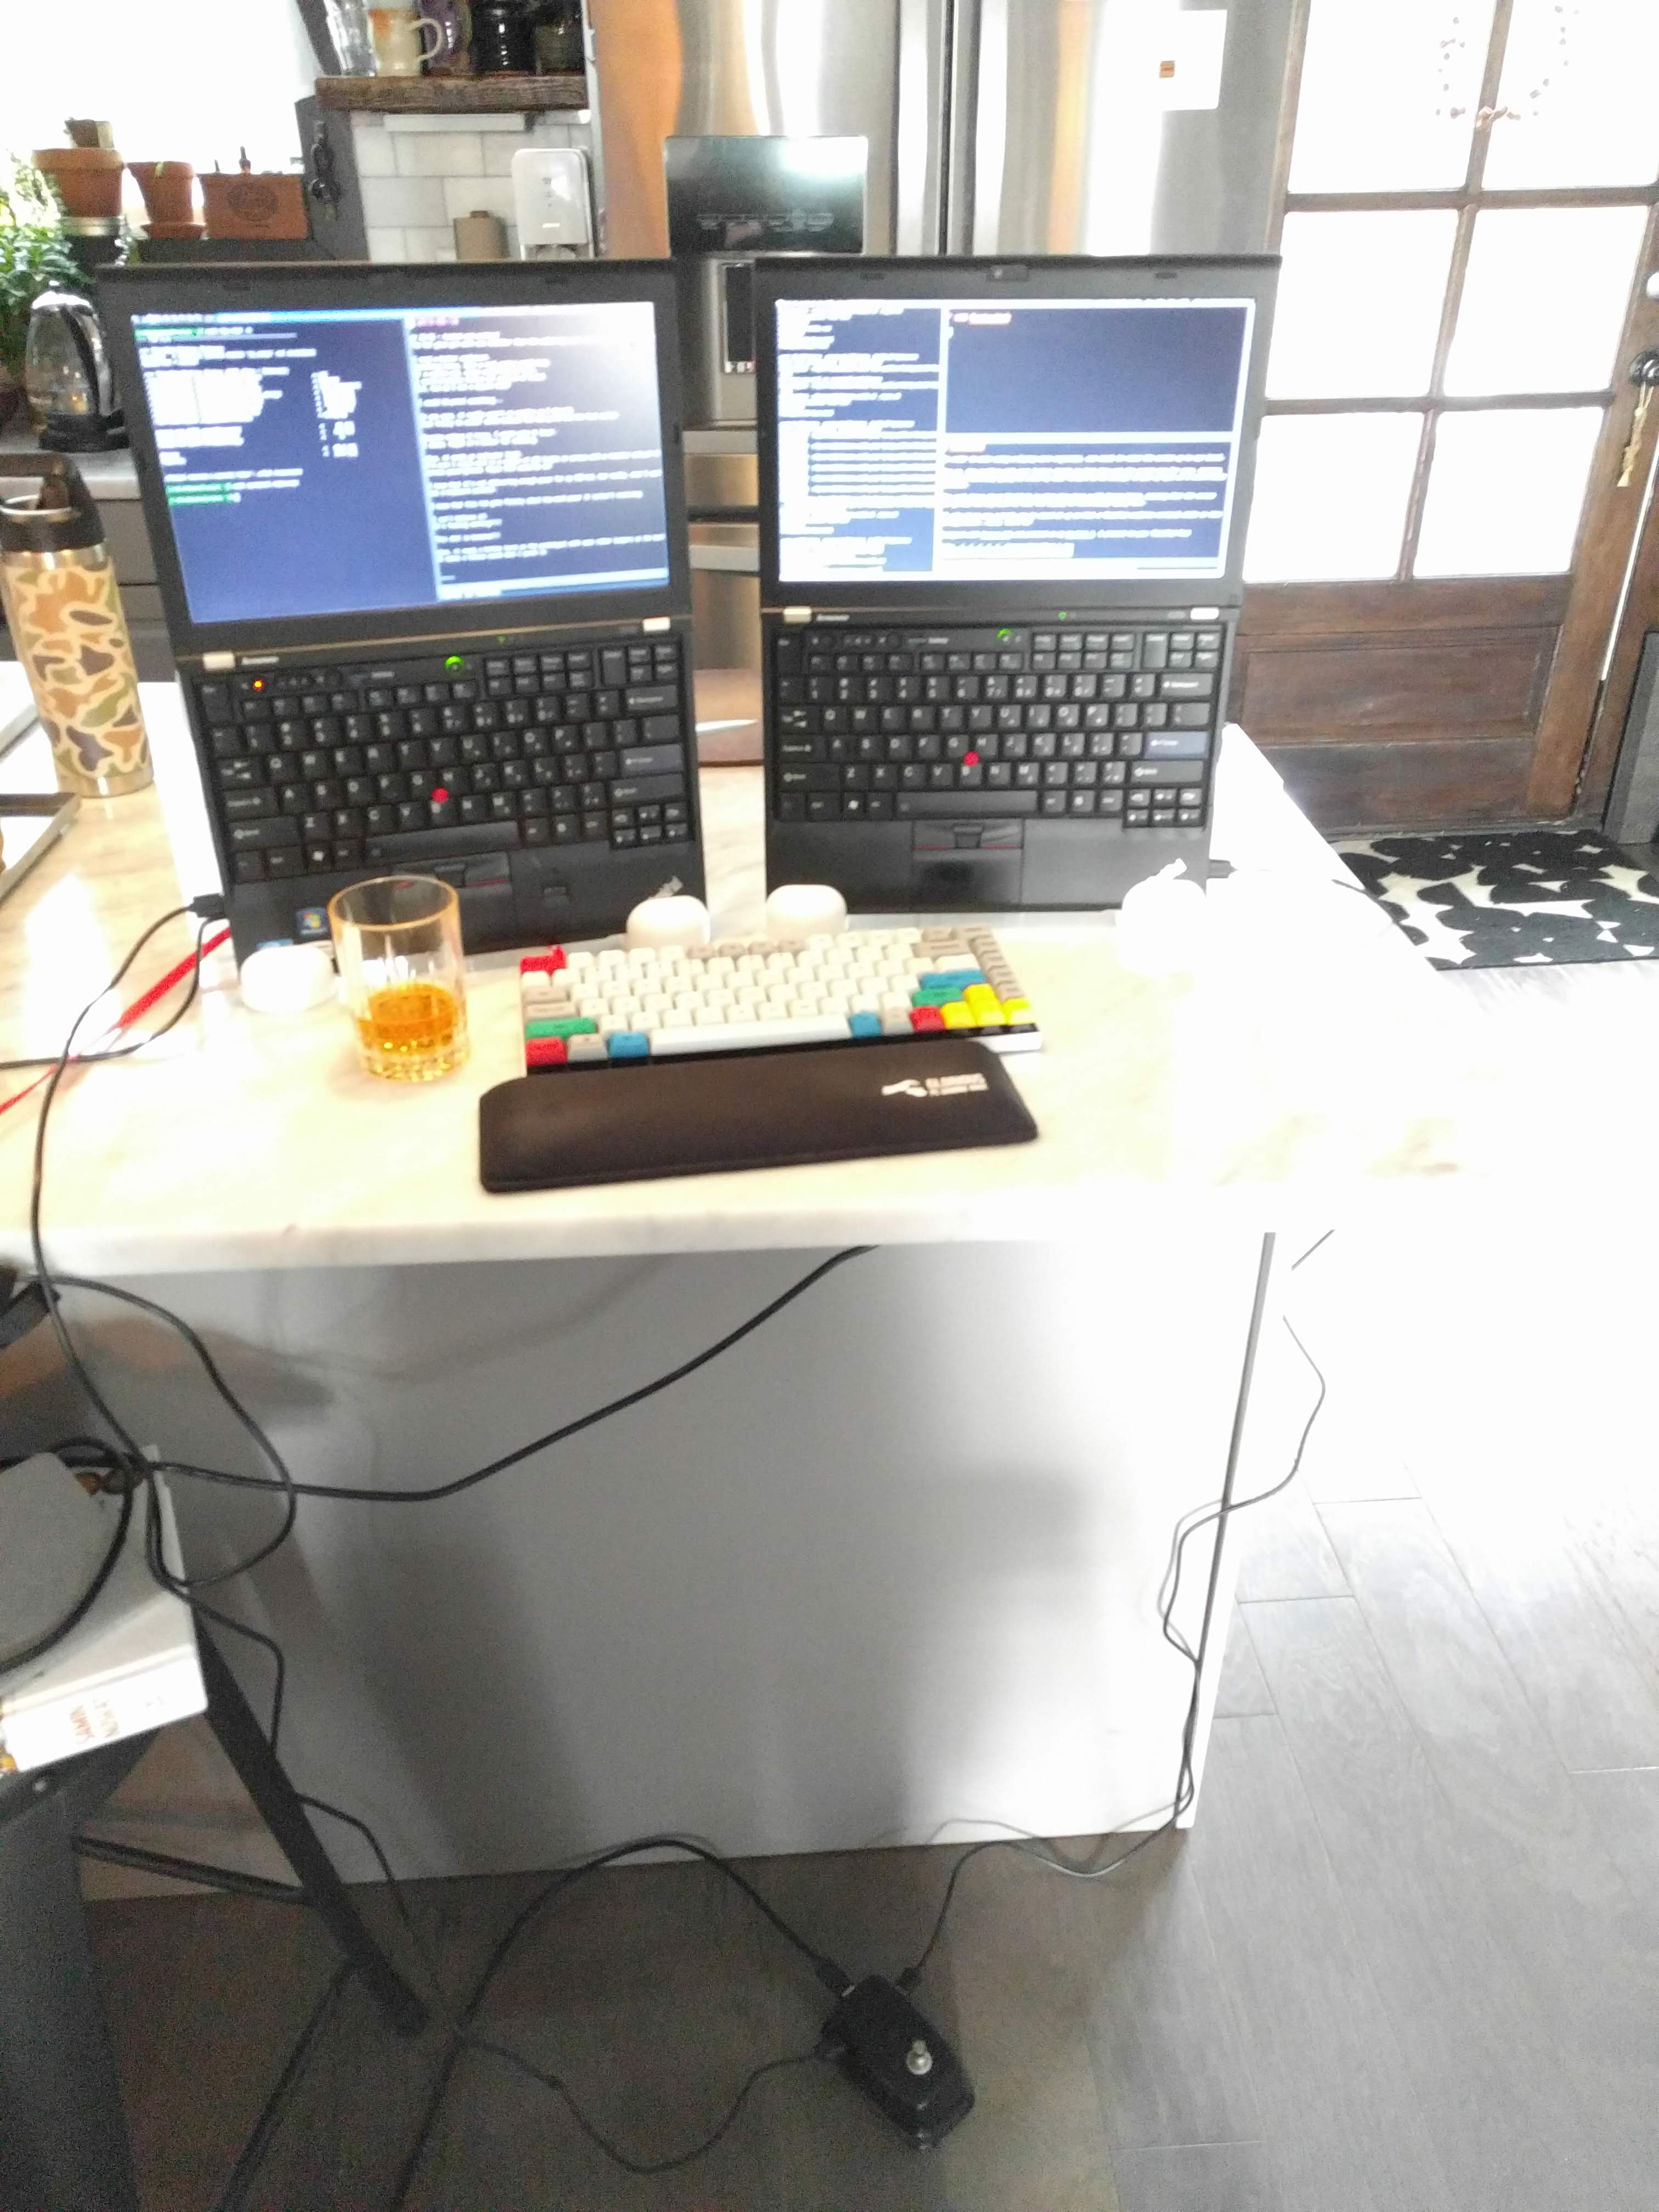 USB-педаль для переключения между компьютерами - 10